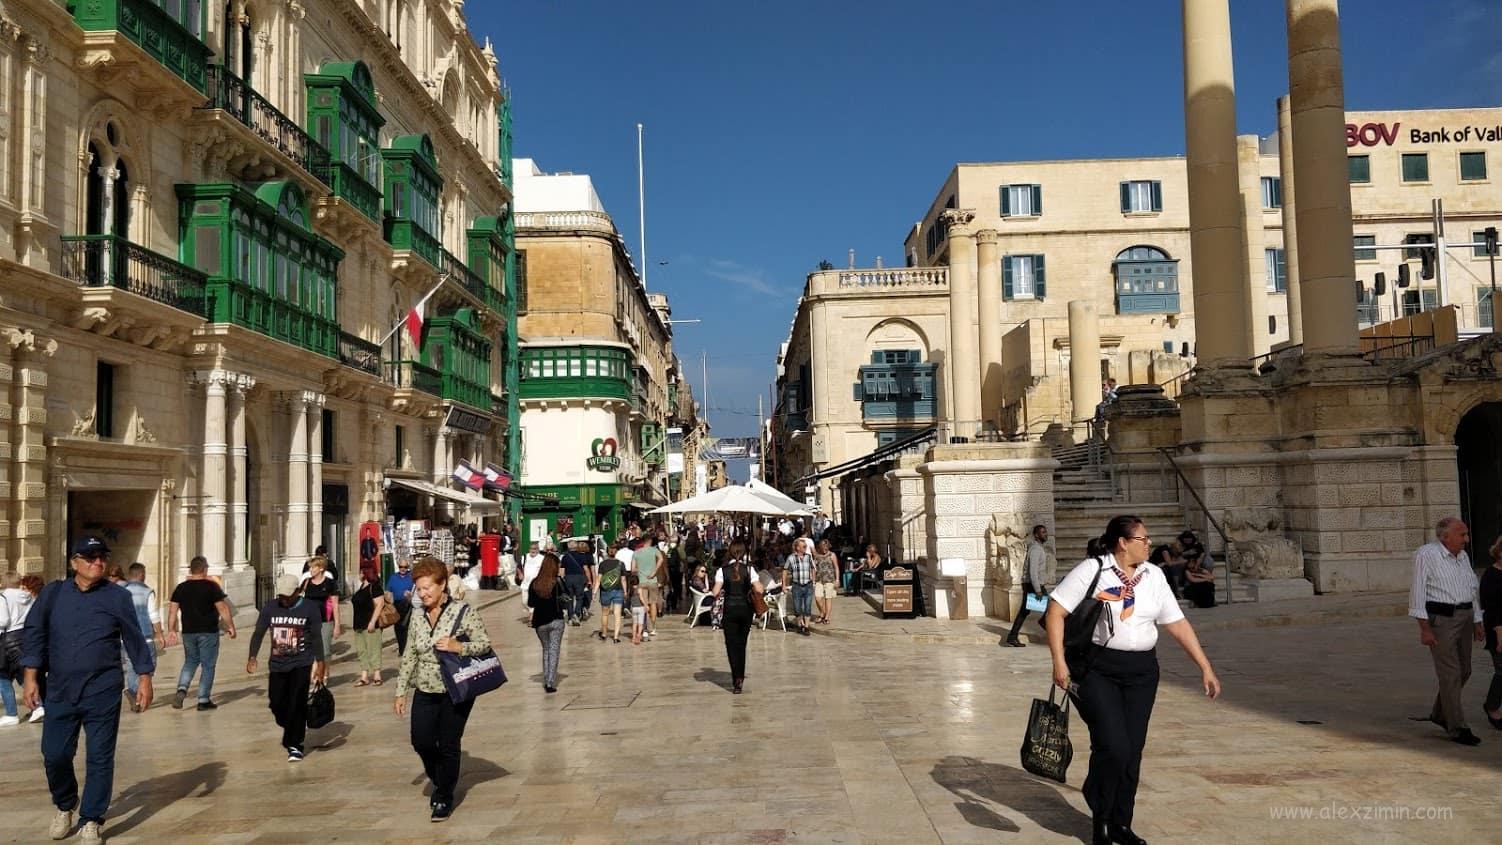 Центральная пешеходная улица Валетты Republic Street